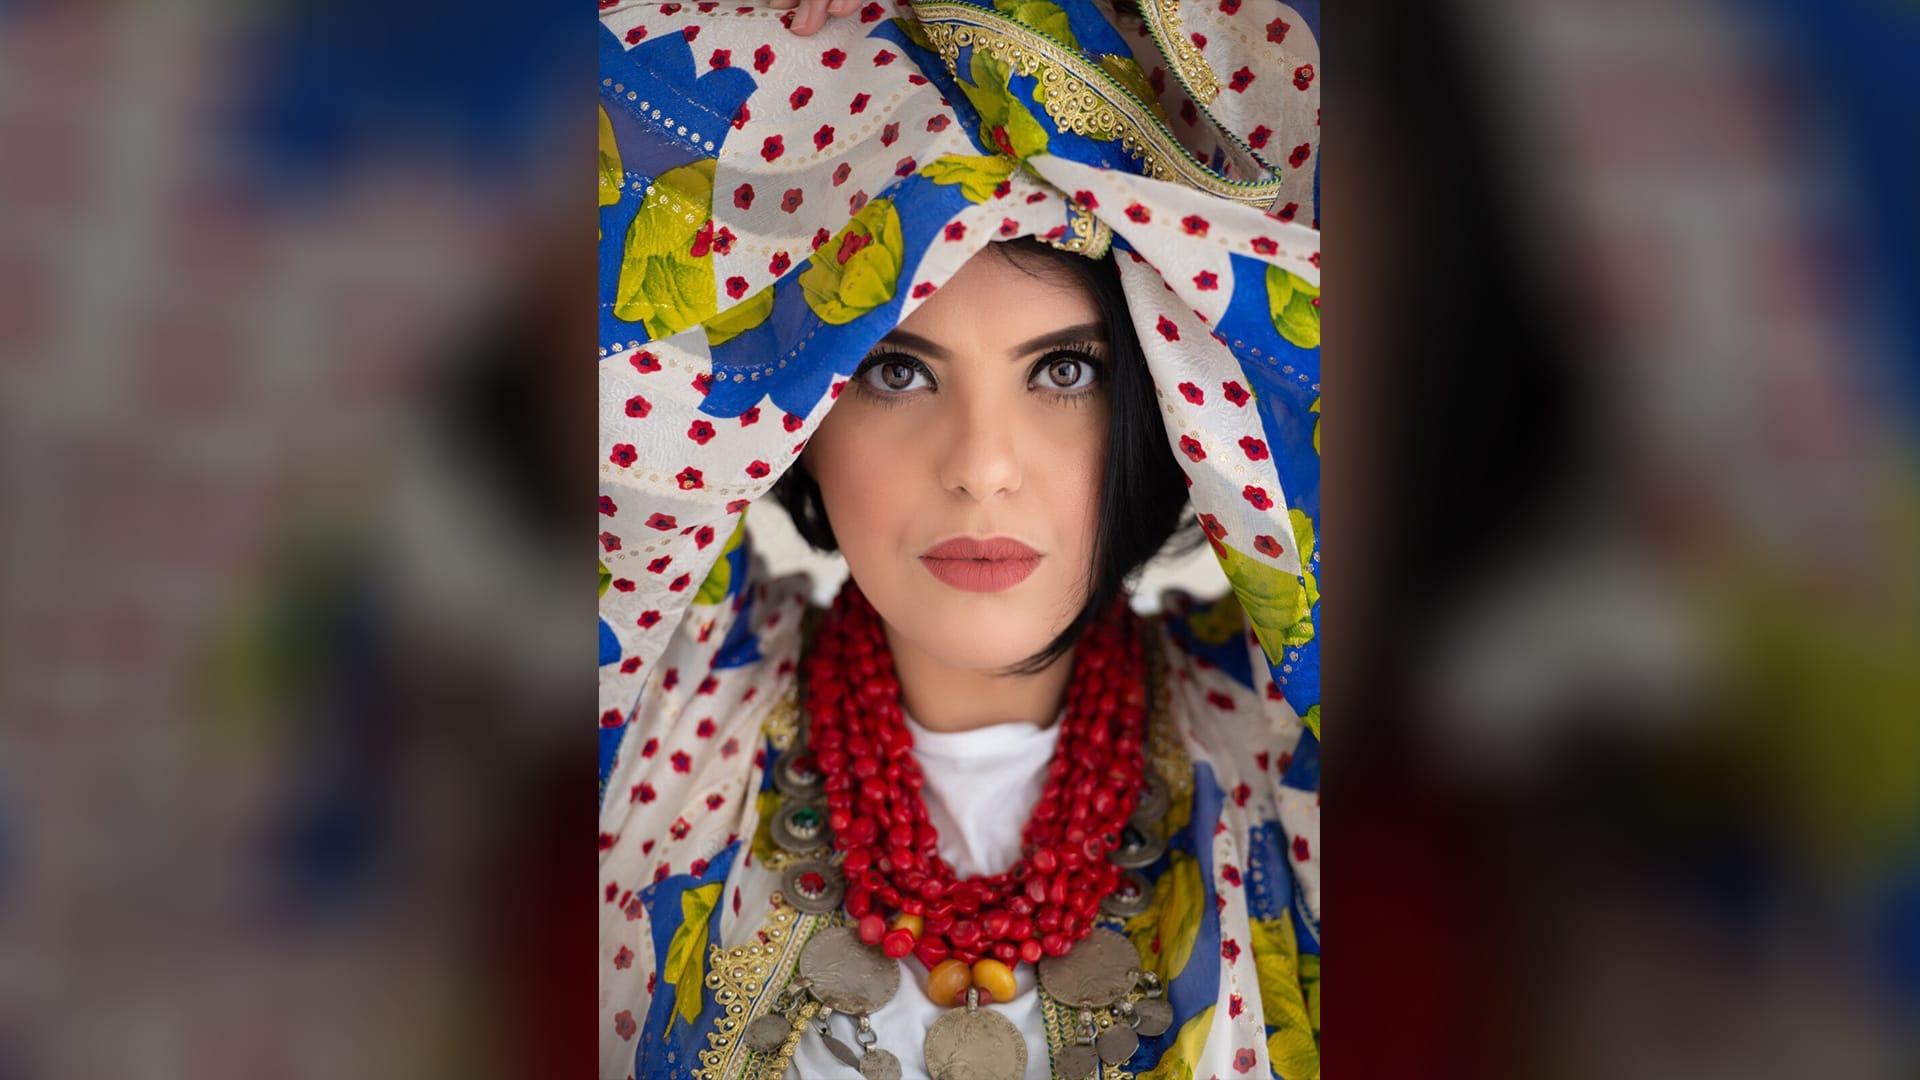 مجوهرات مغربية فريدة من نوعها تحكي قصص الأمازيغ والبربر